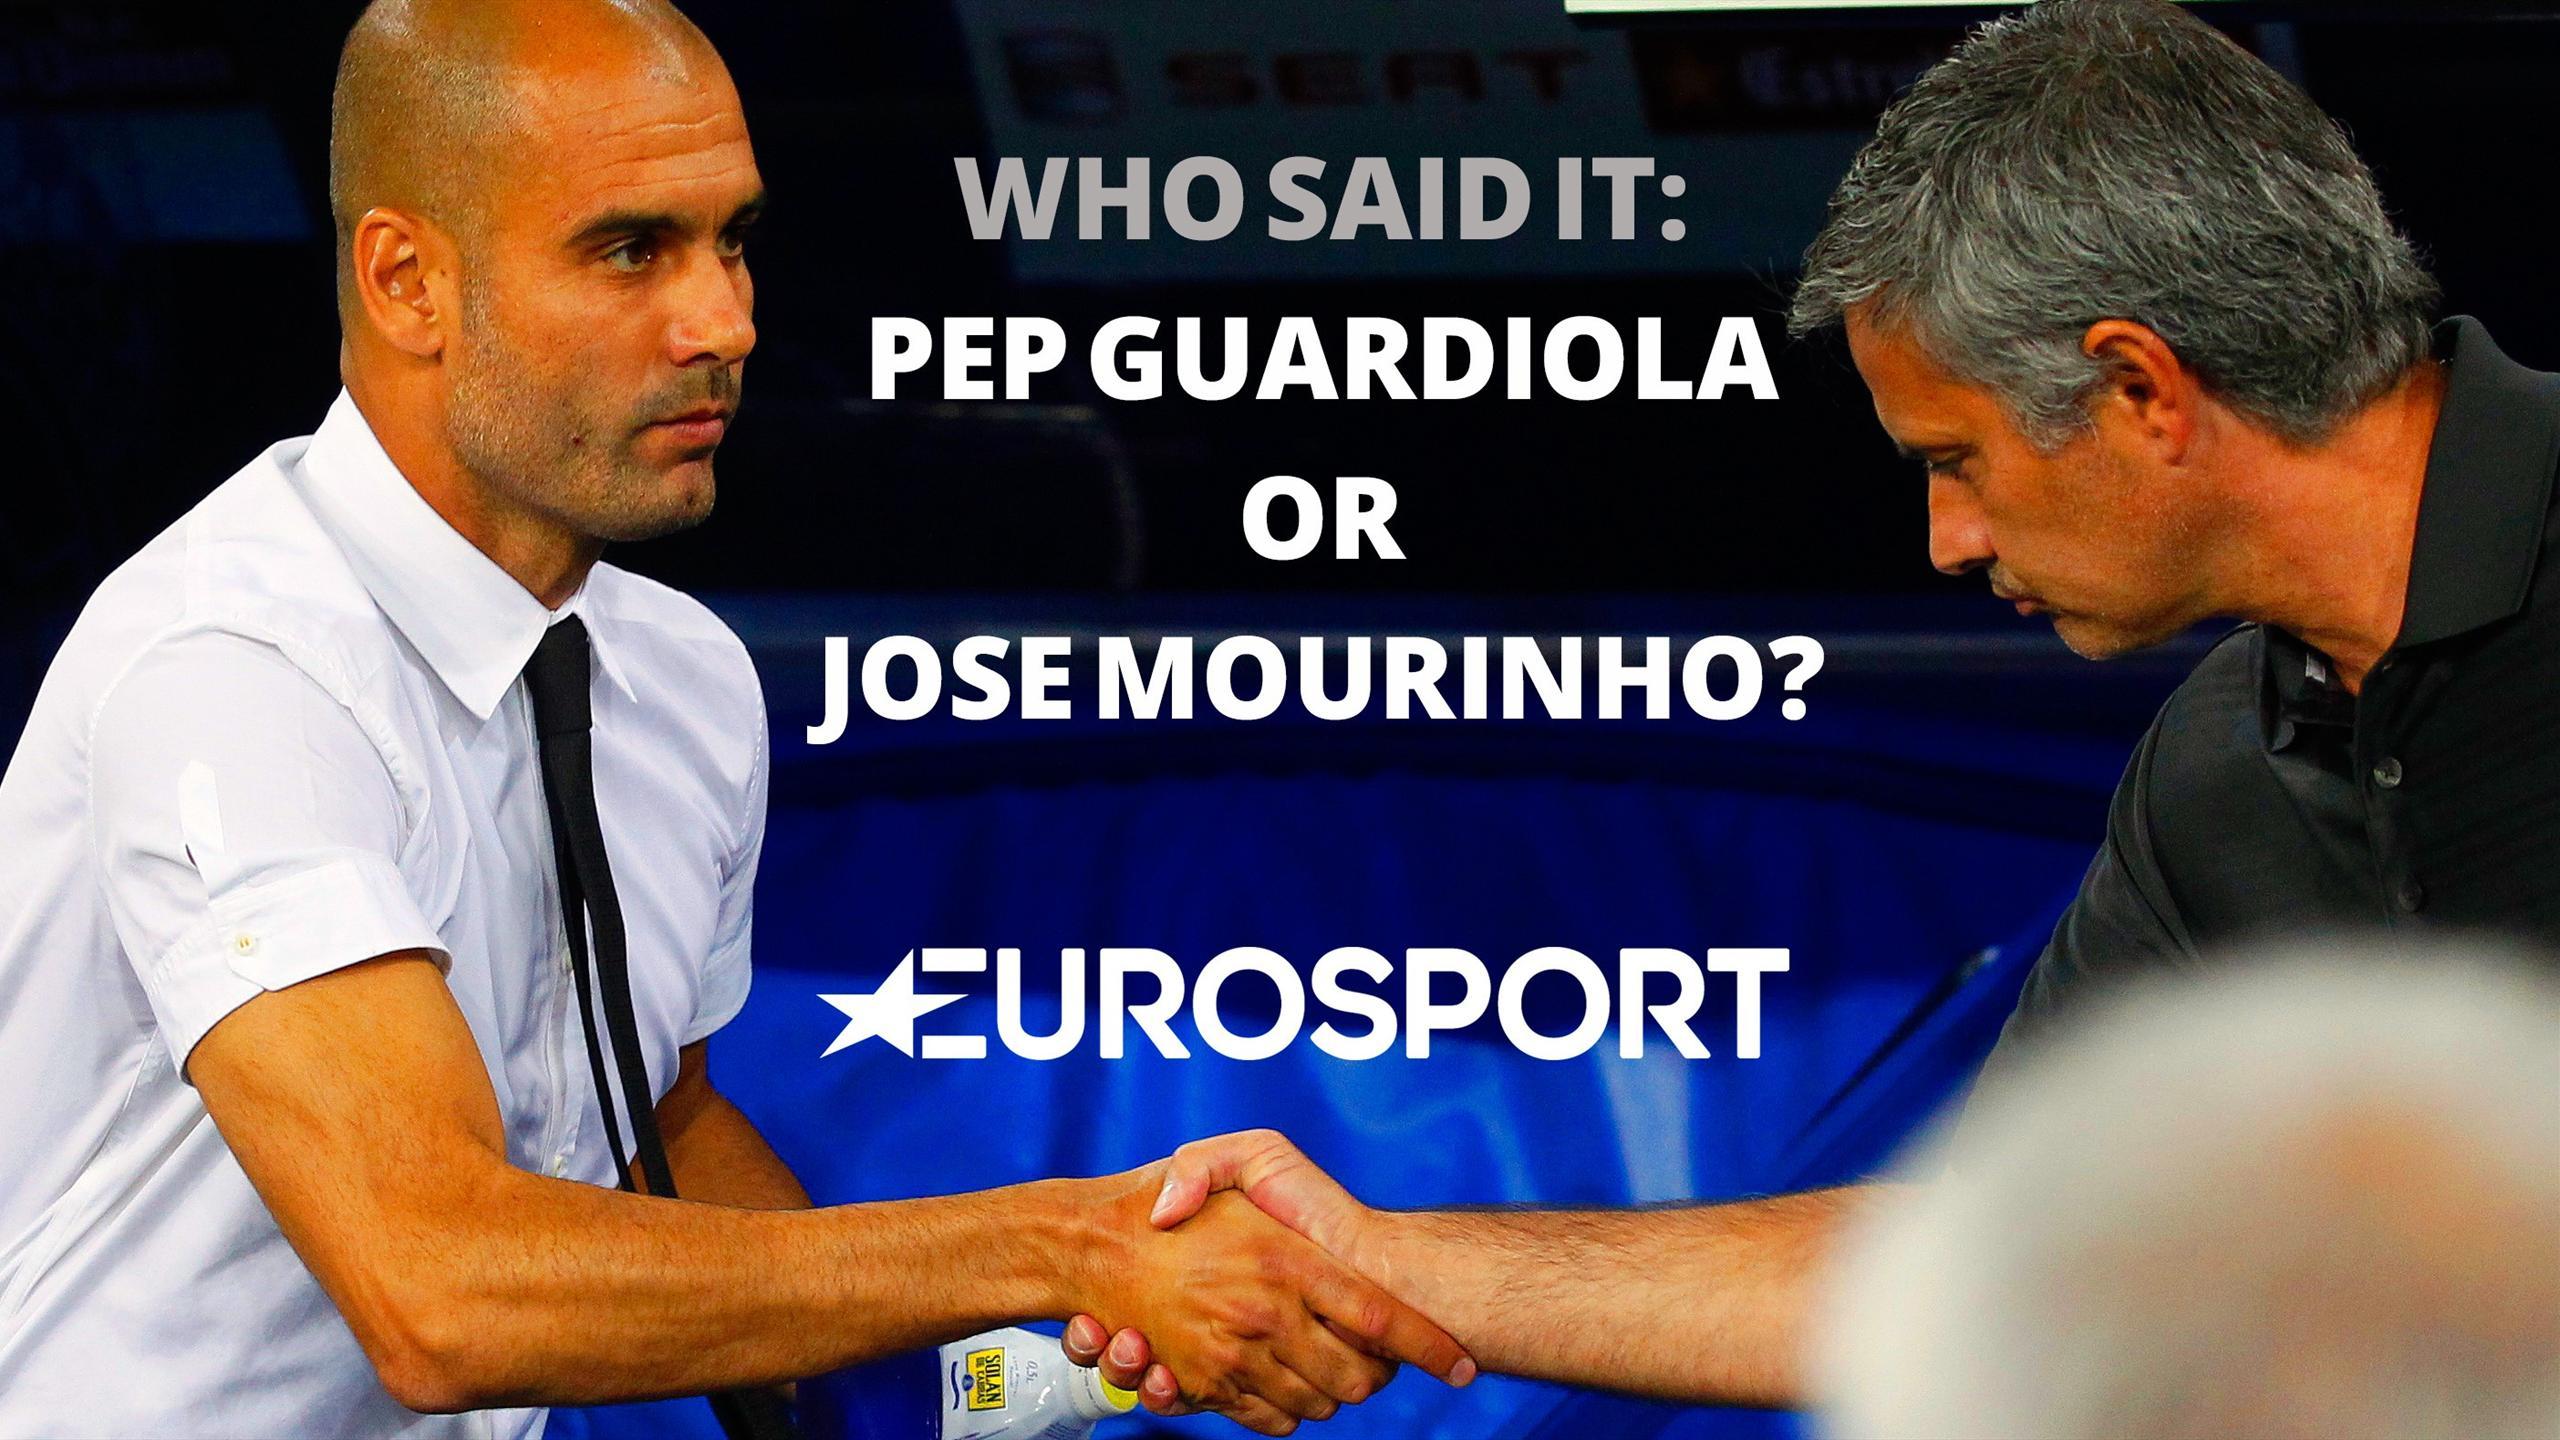 Pep Guardiola and Jose Mourinho quiz